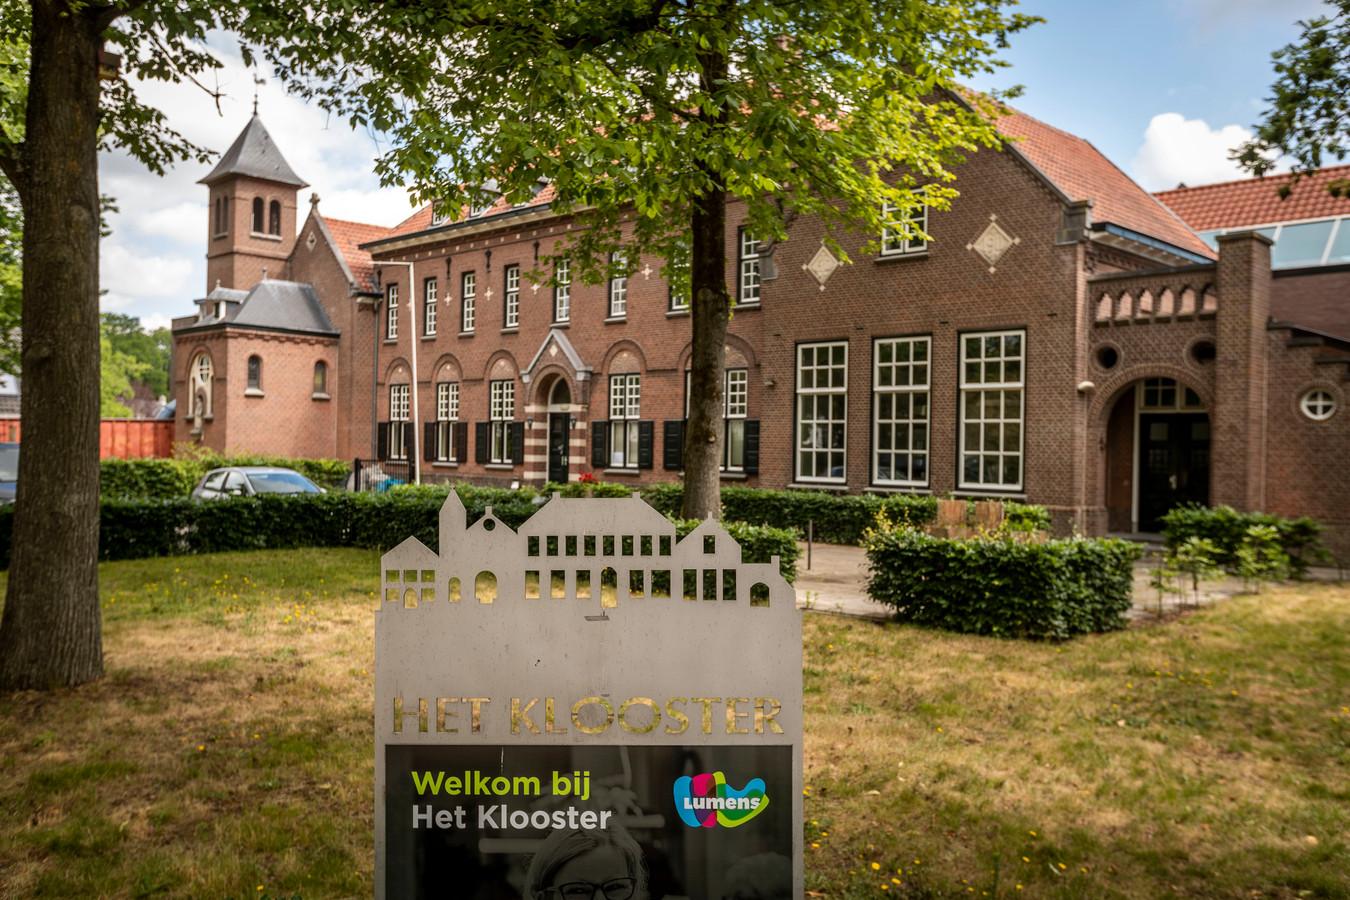 Het Klooster in Waalre wordt momenteel verbouwd door de eigenaren. Er worden 21 appartementen gebouwd voor ouderen die intensieve zorg nodig hebben. Daarnaast moeten de hurende Waalrese verenigingen tien jaar lang terechtkunnen in het gemeenschapshuis.